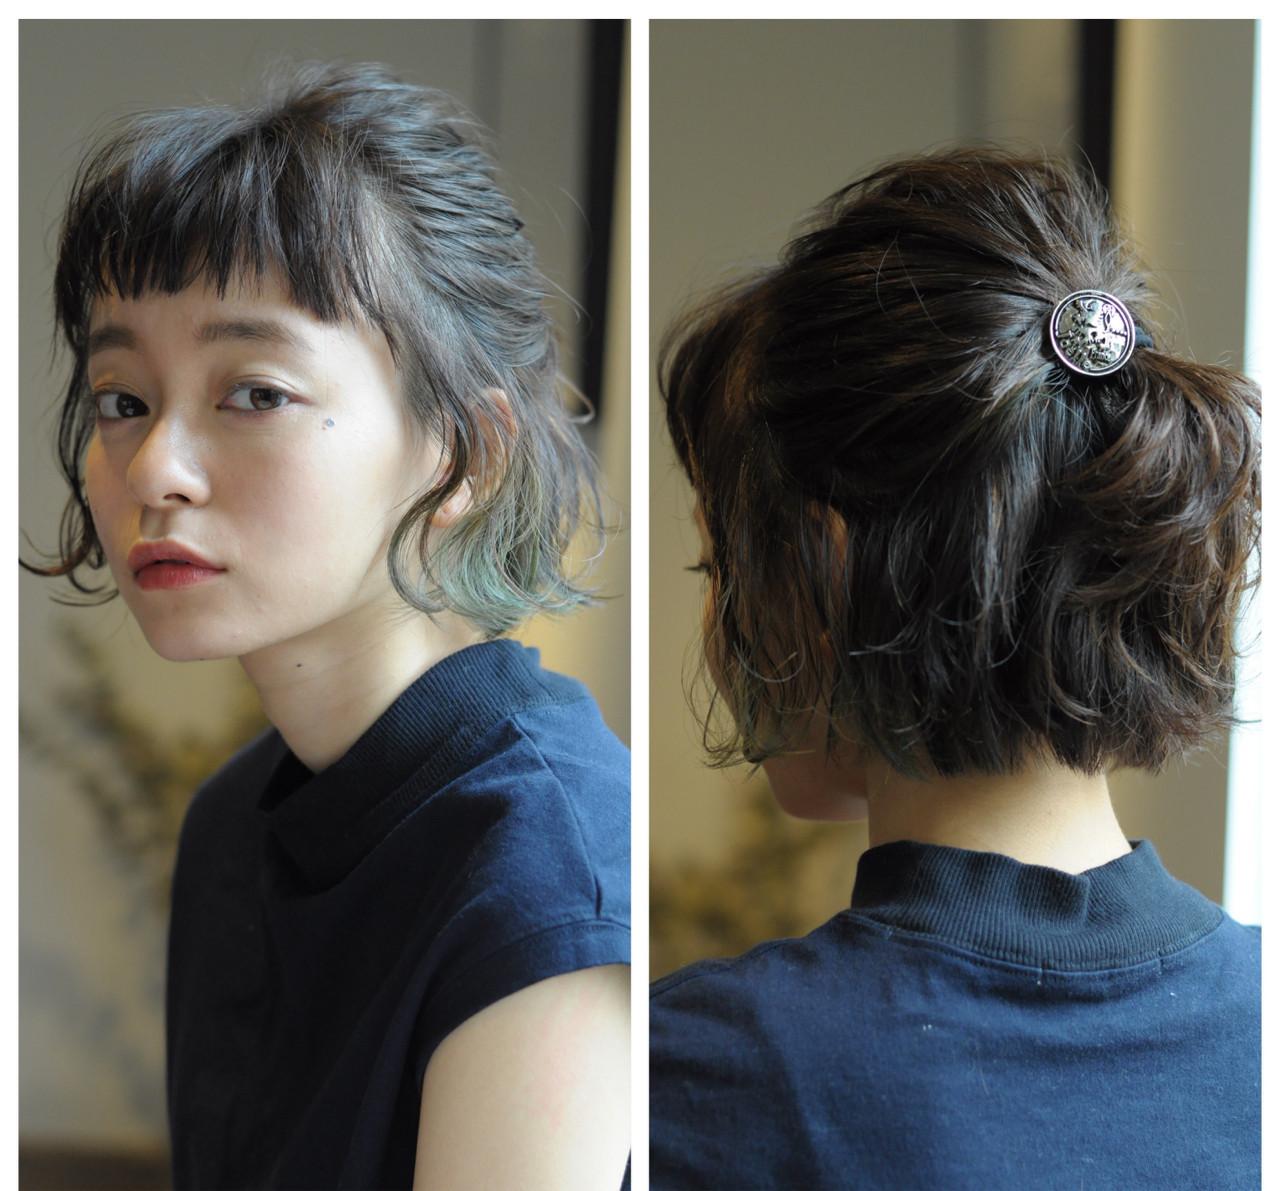 特別な日のスタイリング。意外と簡単にできるショートヘアアレンジ♡ 冨田 紘史